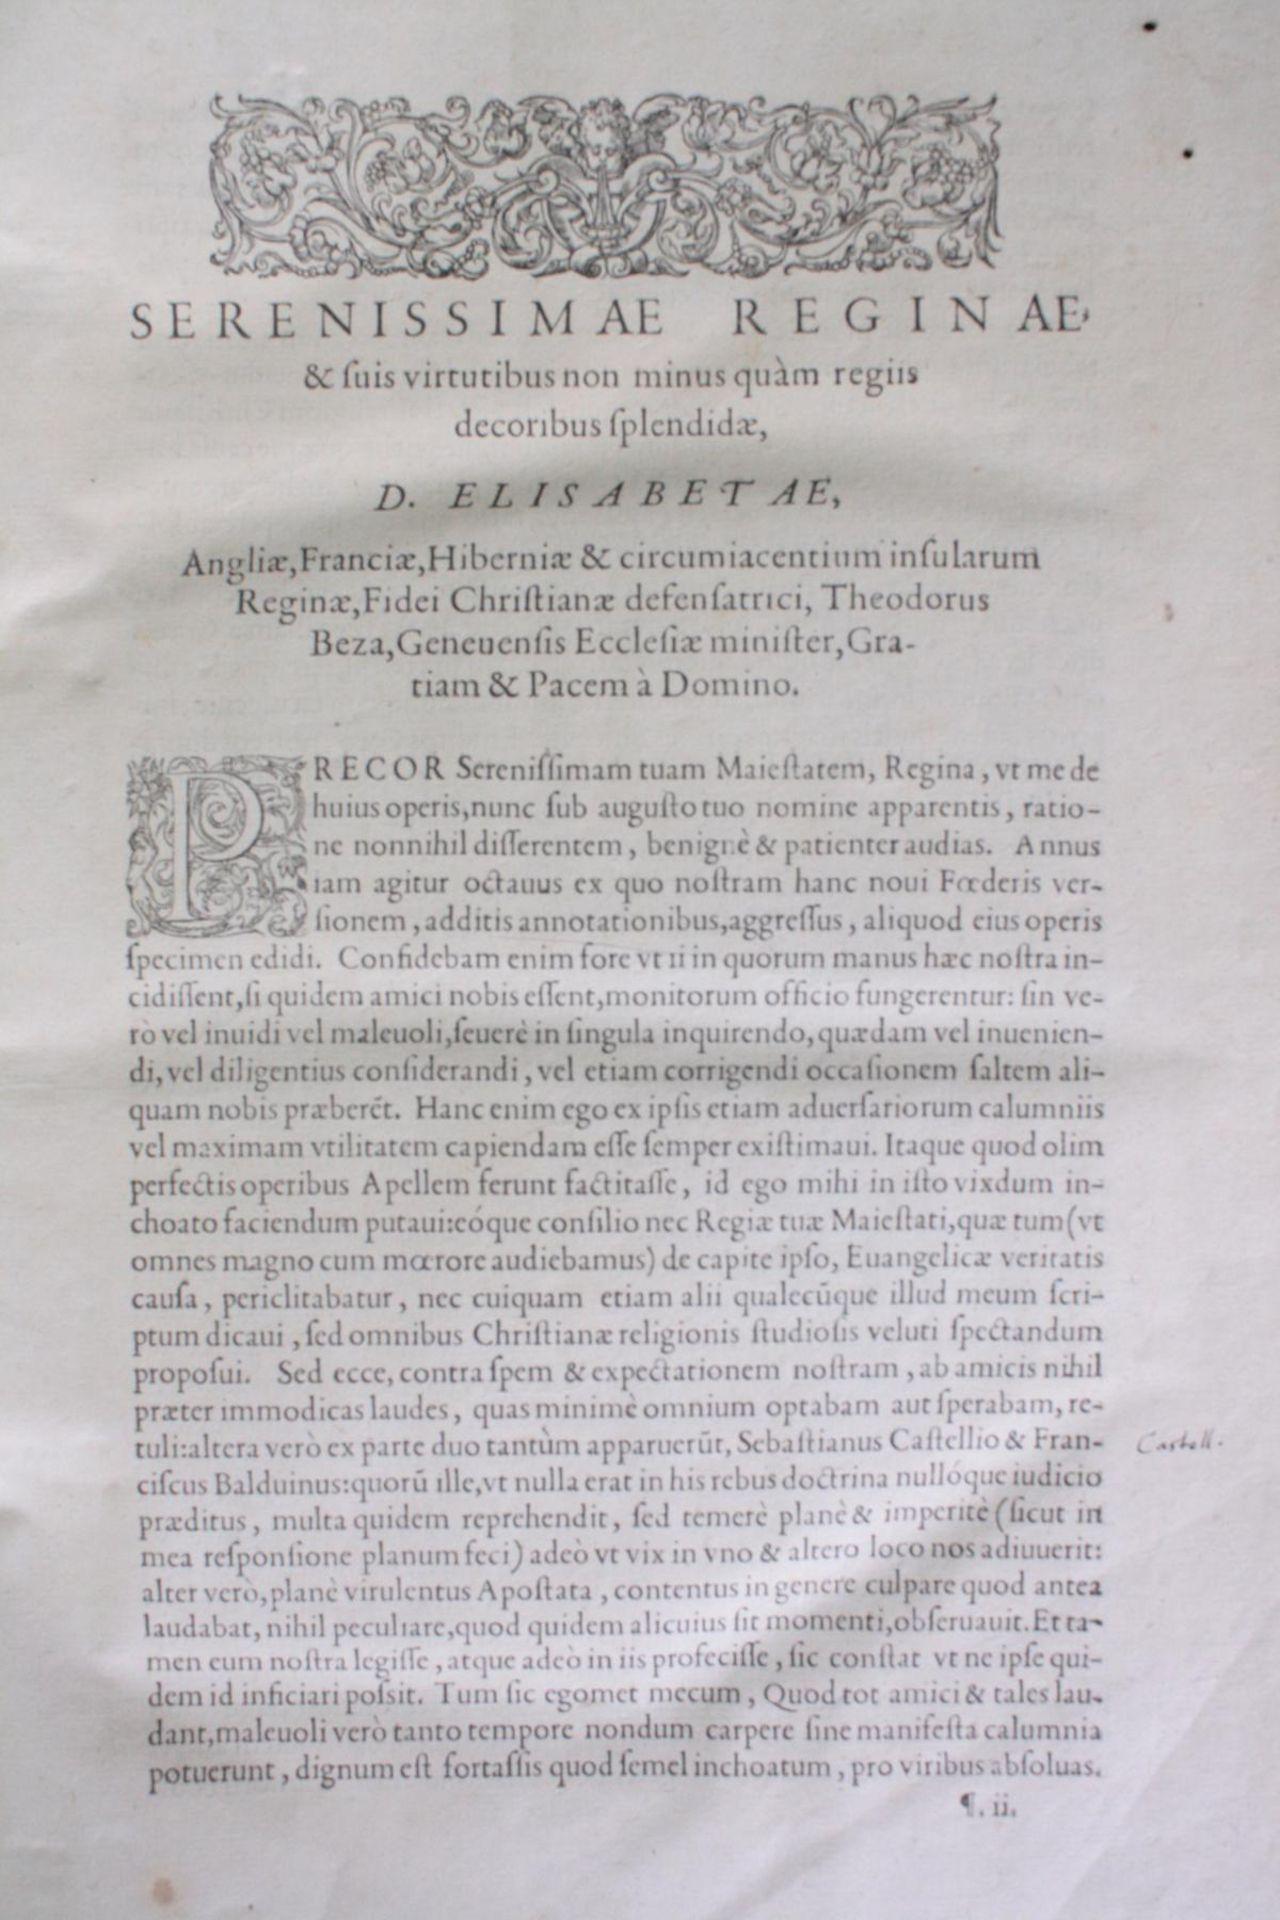 Griechische-Lateinische Bibel, Novum Testamentum 1582 - Bild 6 aus 23